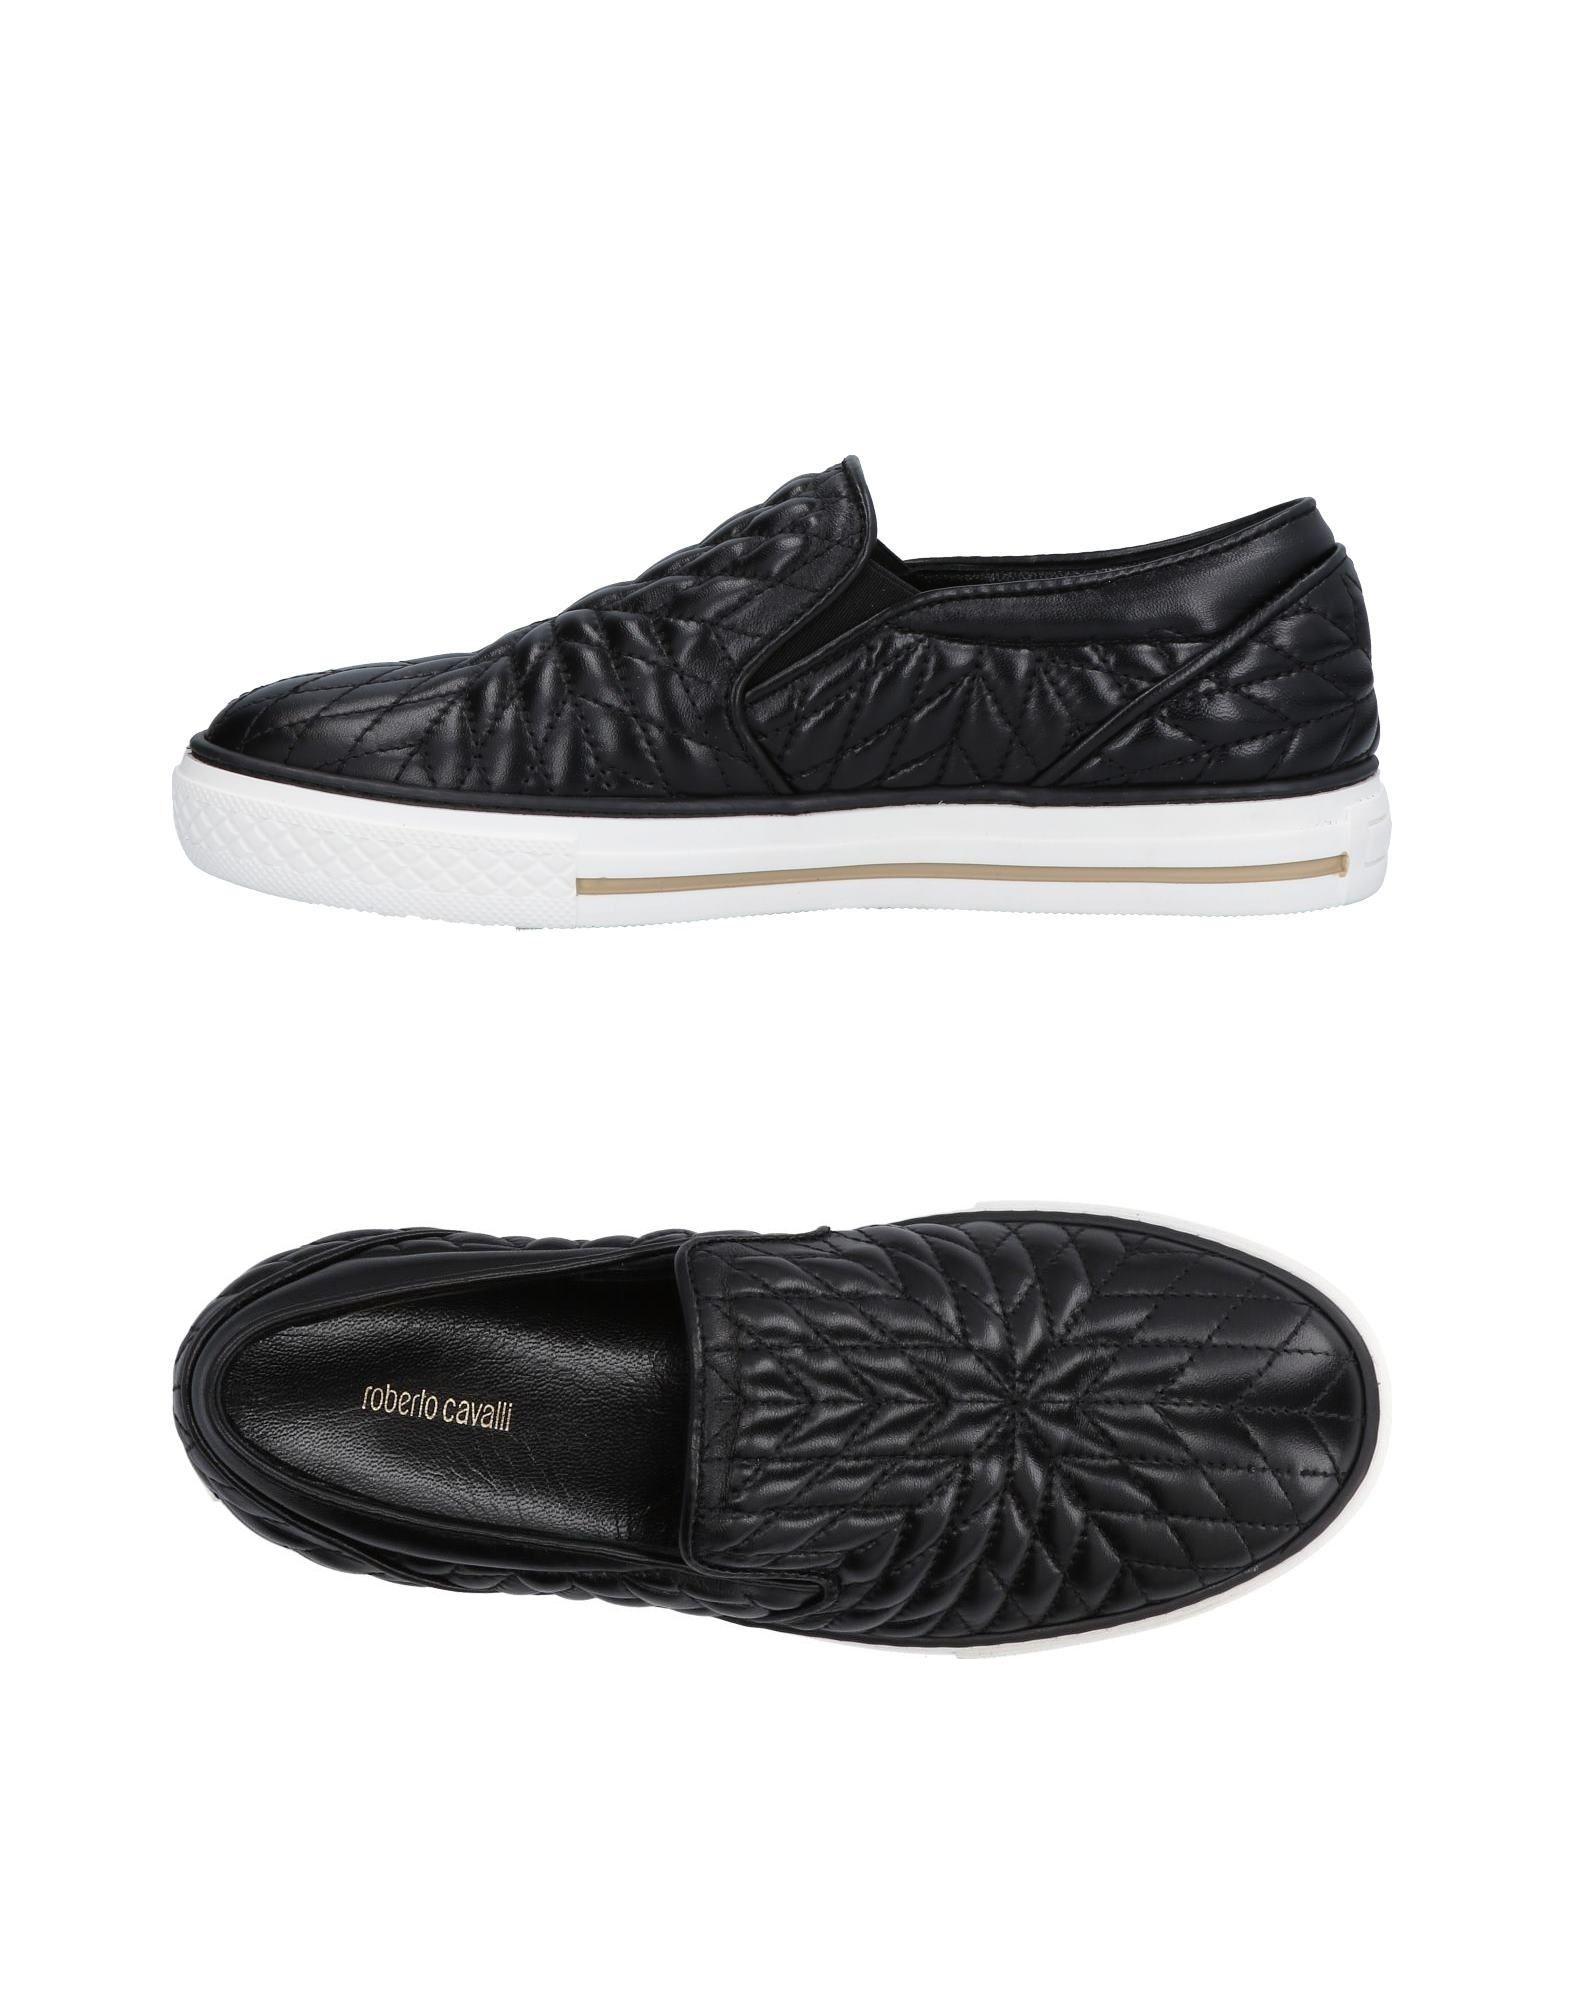 Roberto Cavalli Sneakers Damen  11478533WDGut aussehende strapazierfähige Schuhe